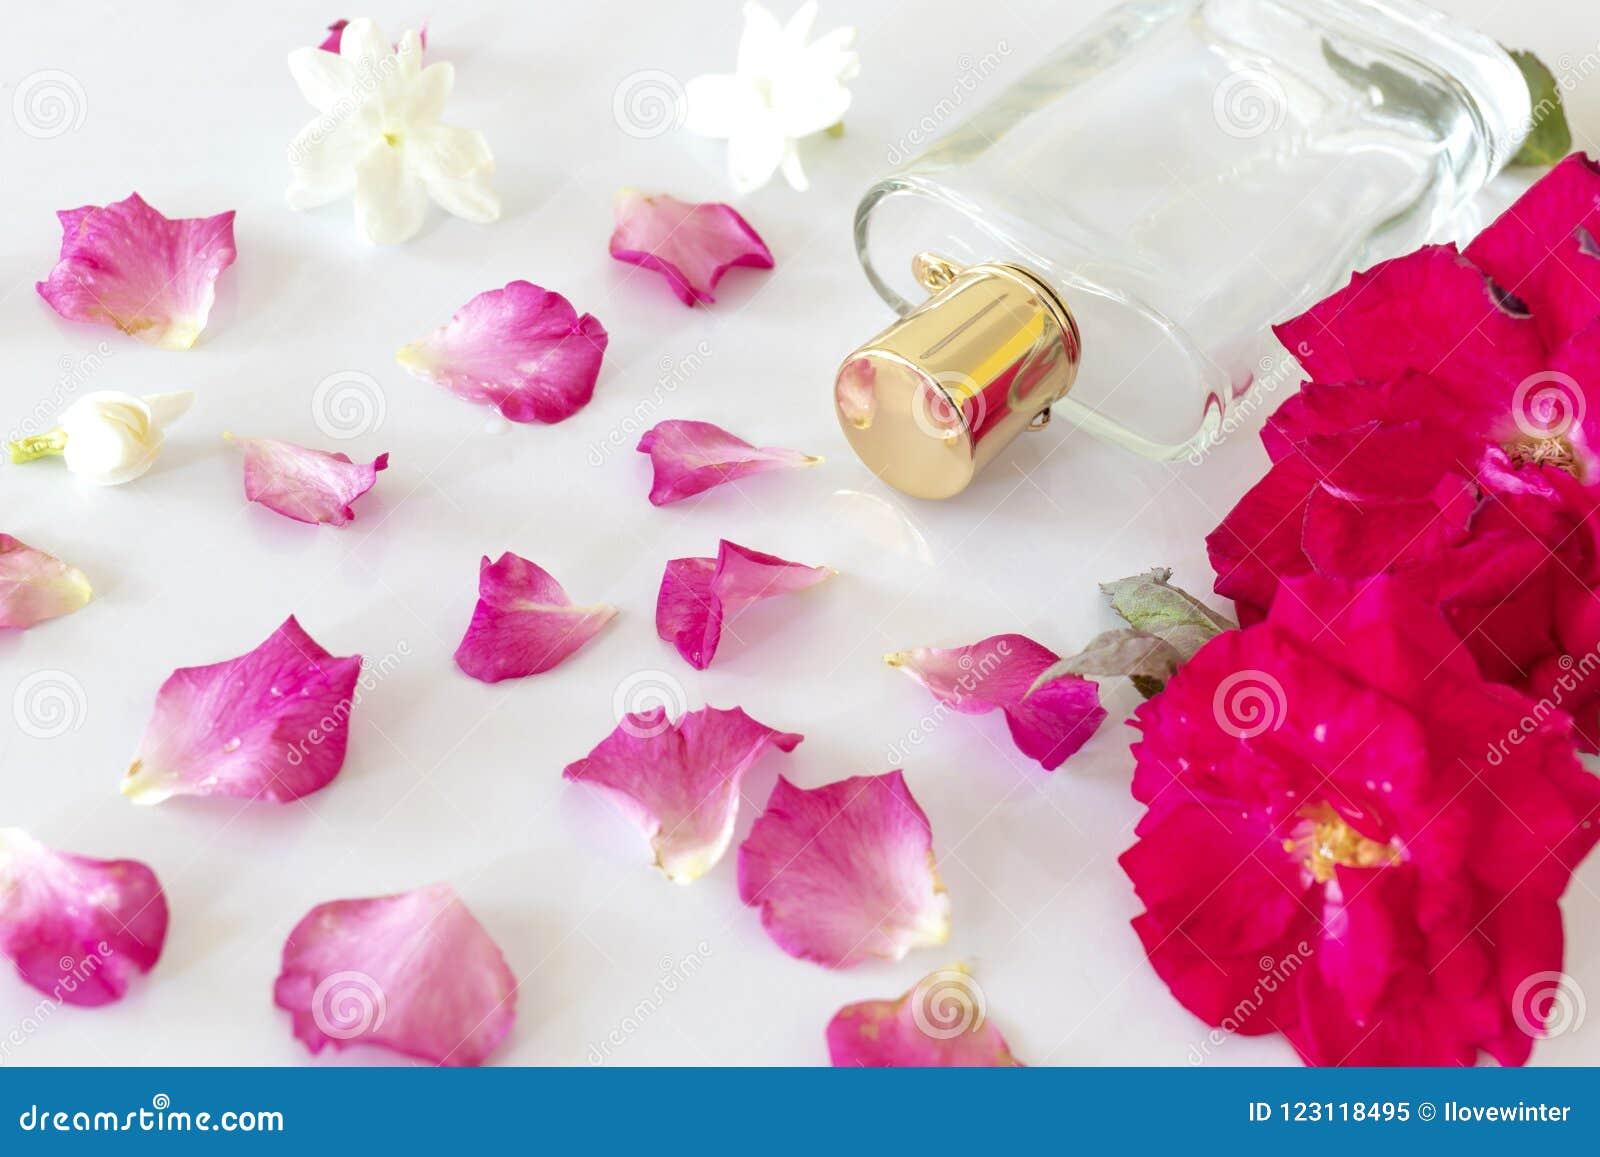 Perfume bottle with rose flower jasmine flower and petals stock perfume bottle with rose flower jasmine flower and petals izmirmasajfo